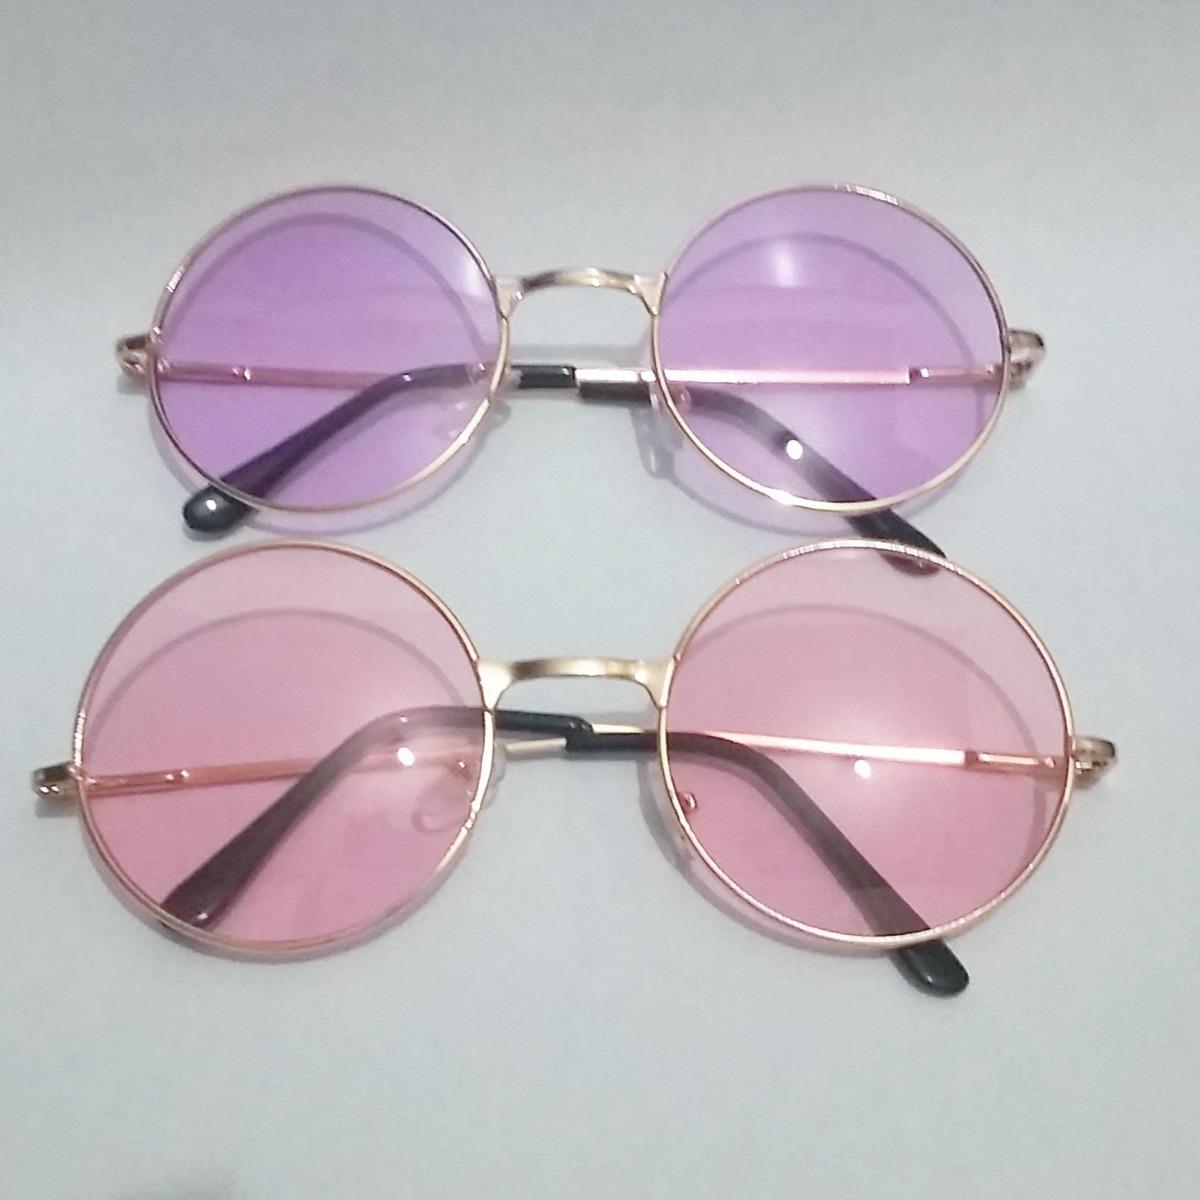 d6efd5cc4be15 oculos redondo rosa alternative rock hipster emo gothic. Carregando zoom.